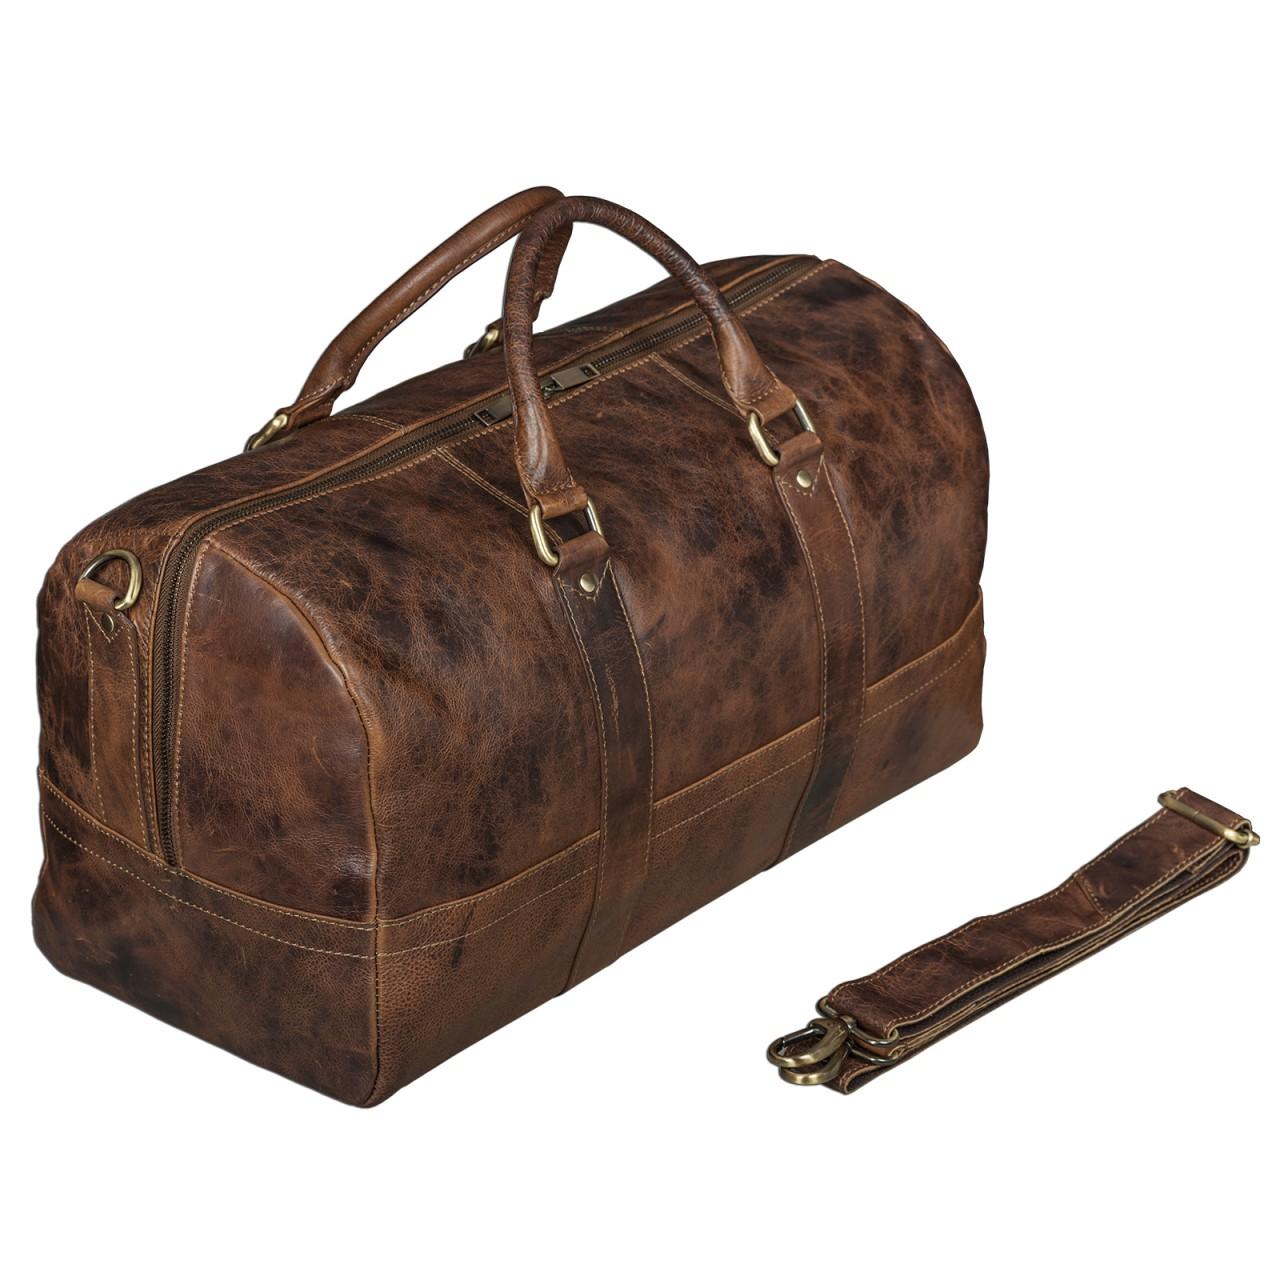 STILORD Leder Vintage Reisetasche Weekend Bag Urlaub Ledertasche Handgepäck Sporttasche Retro Weekender echtes Leder dunkelbraun - Bild 1